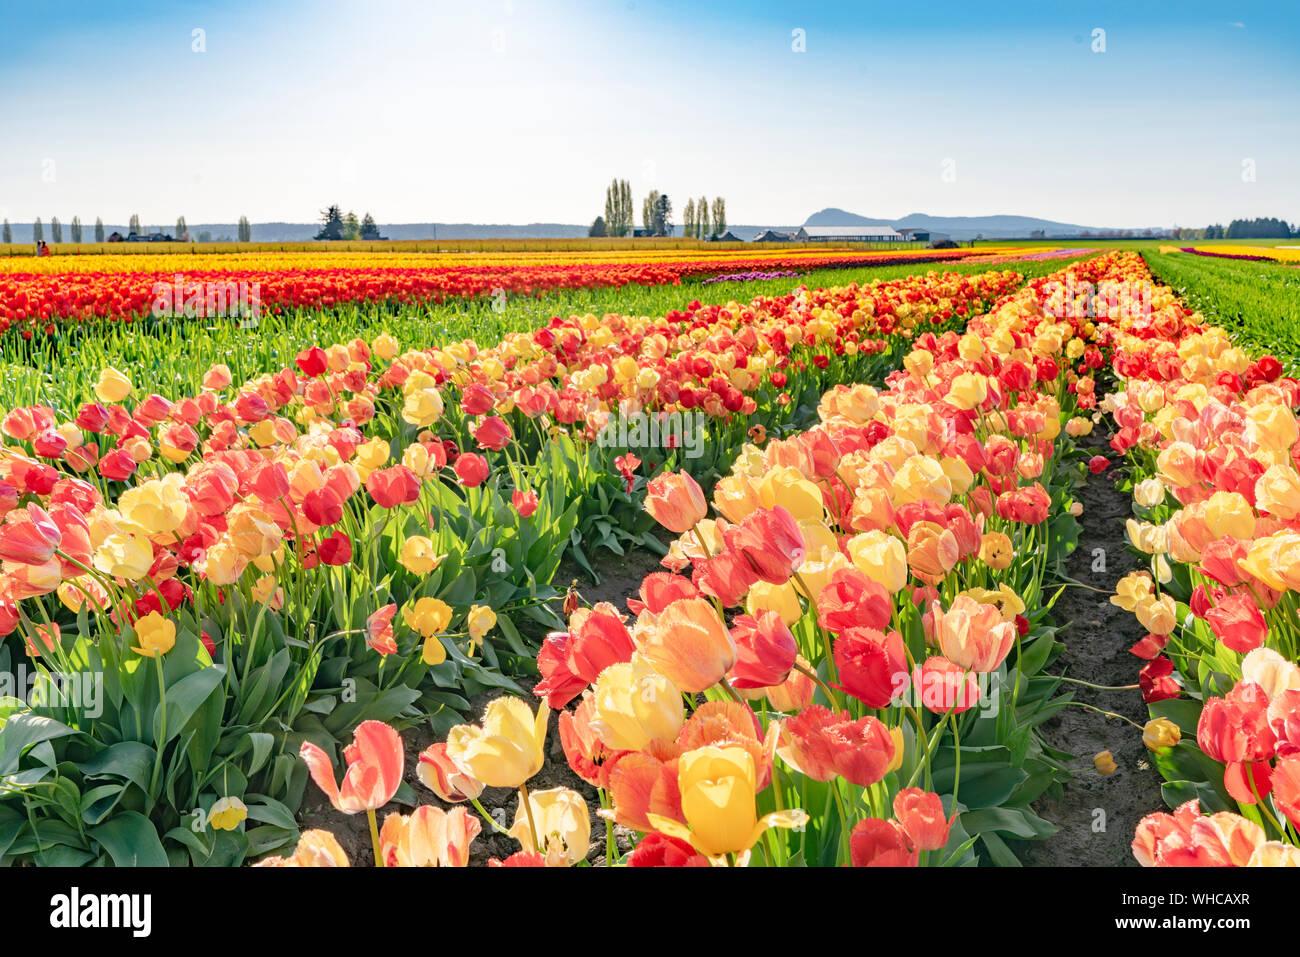 Hellen bunten Tulpenfeld Landschaft. Stockfoto